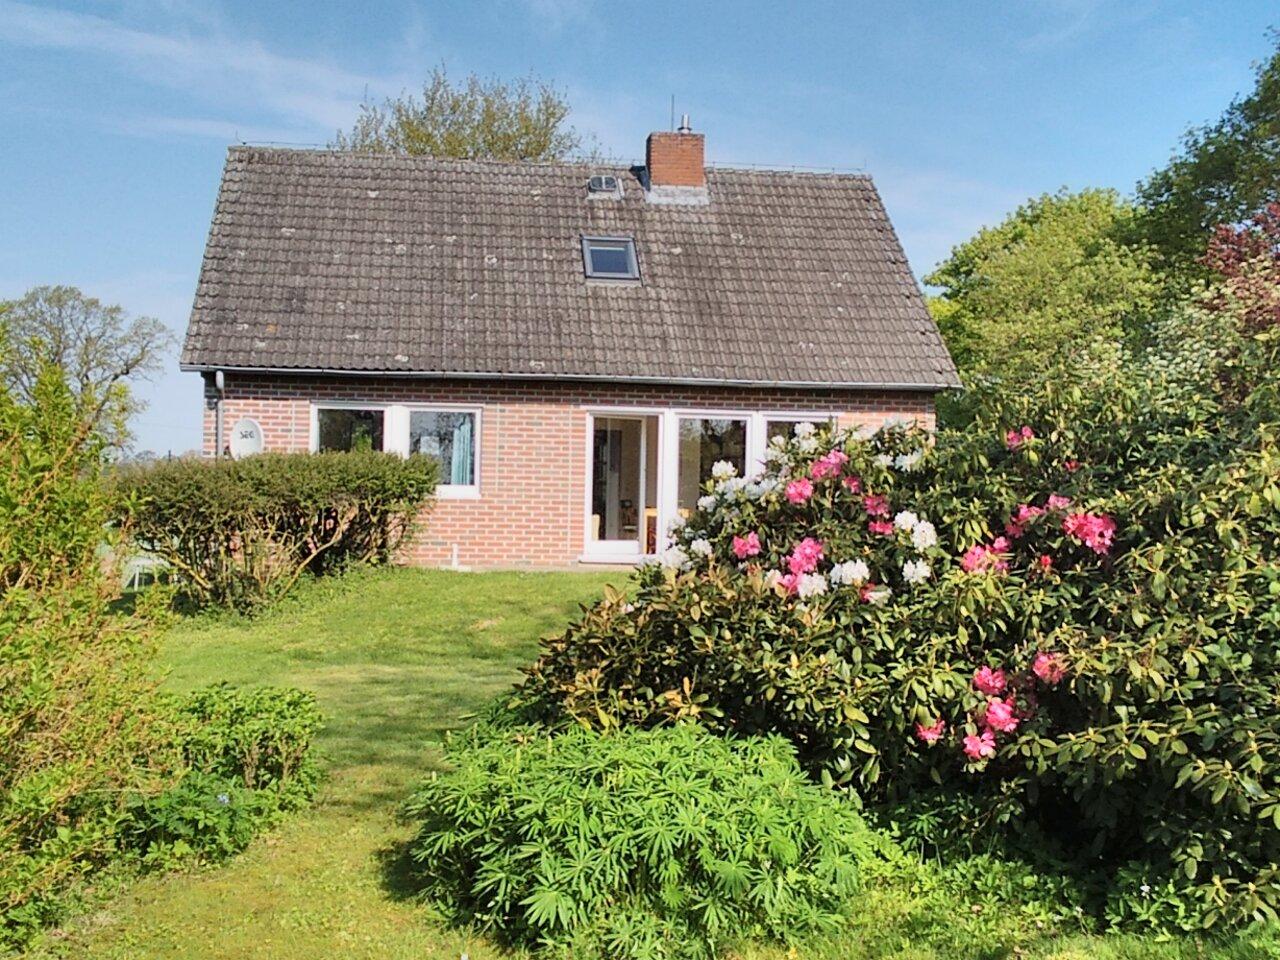 Ferienhaus Rethwisch vom Garten aus.